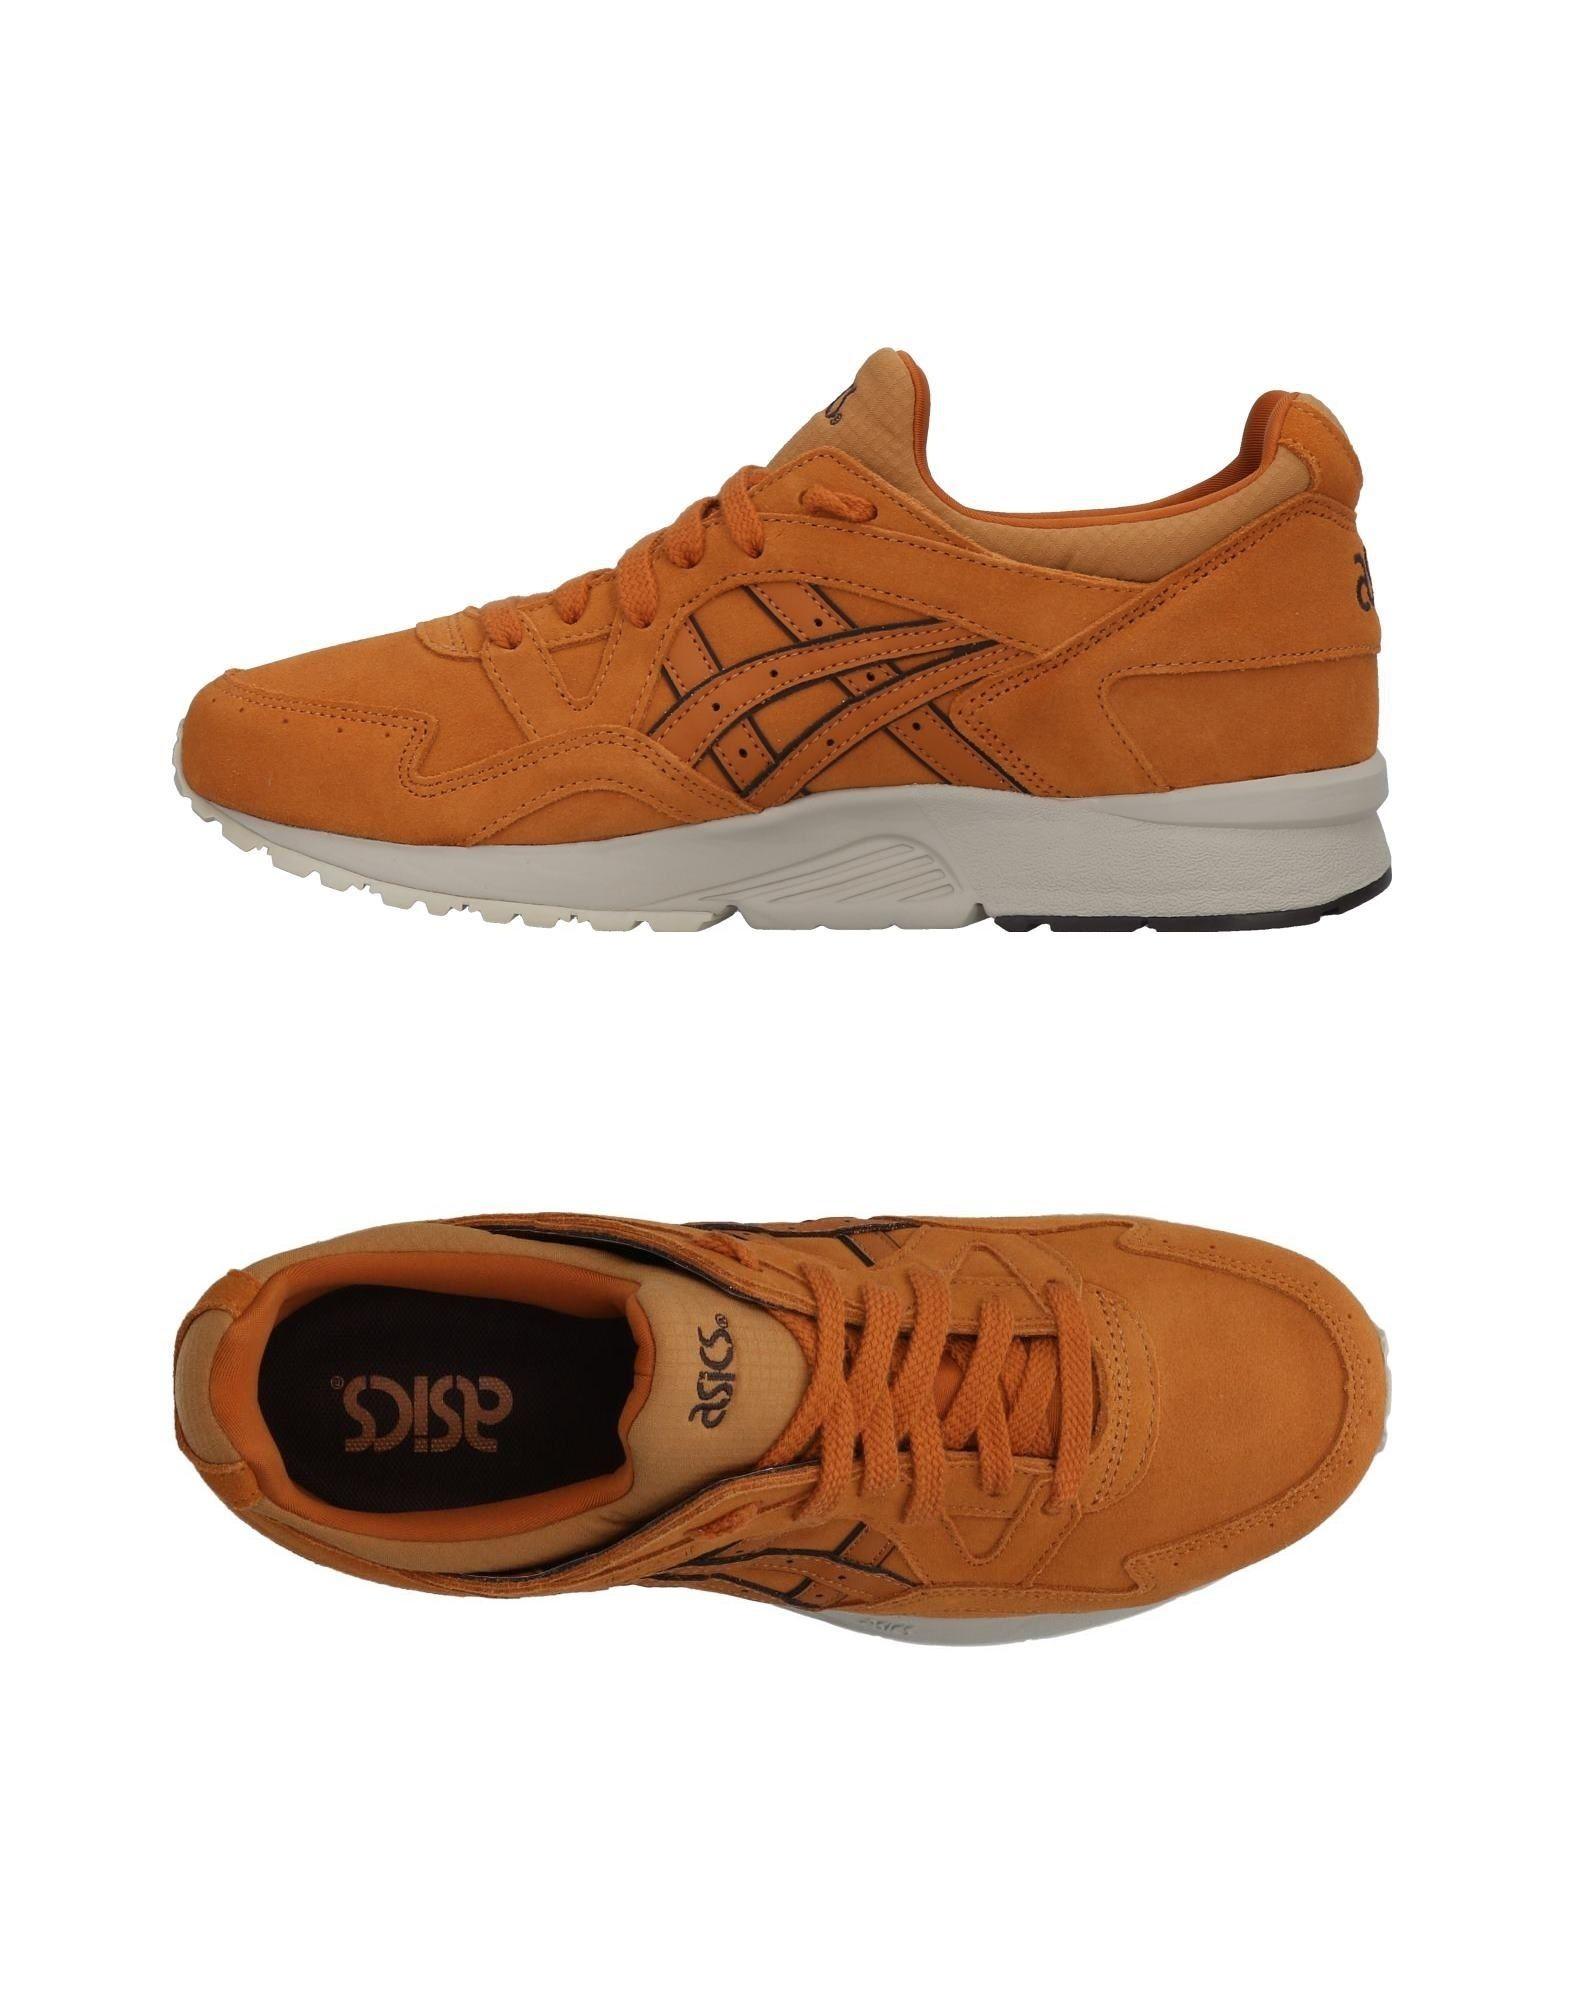 Asics on Sneakers - Men Asics Sneakers online on Asics  Australia - 11487032KK 3668c3